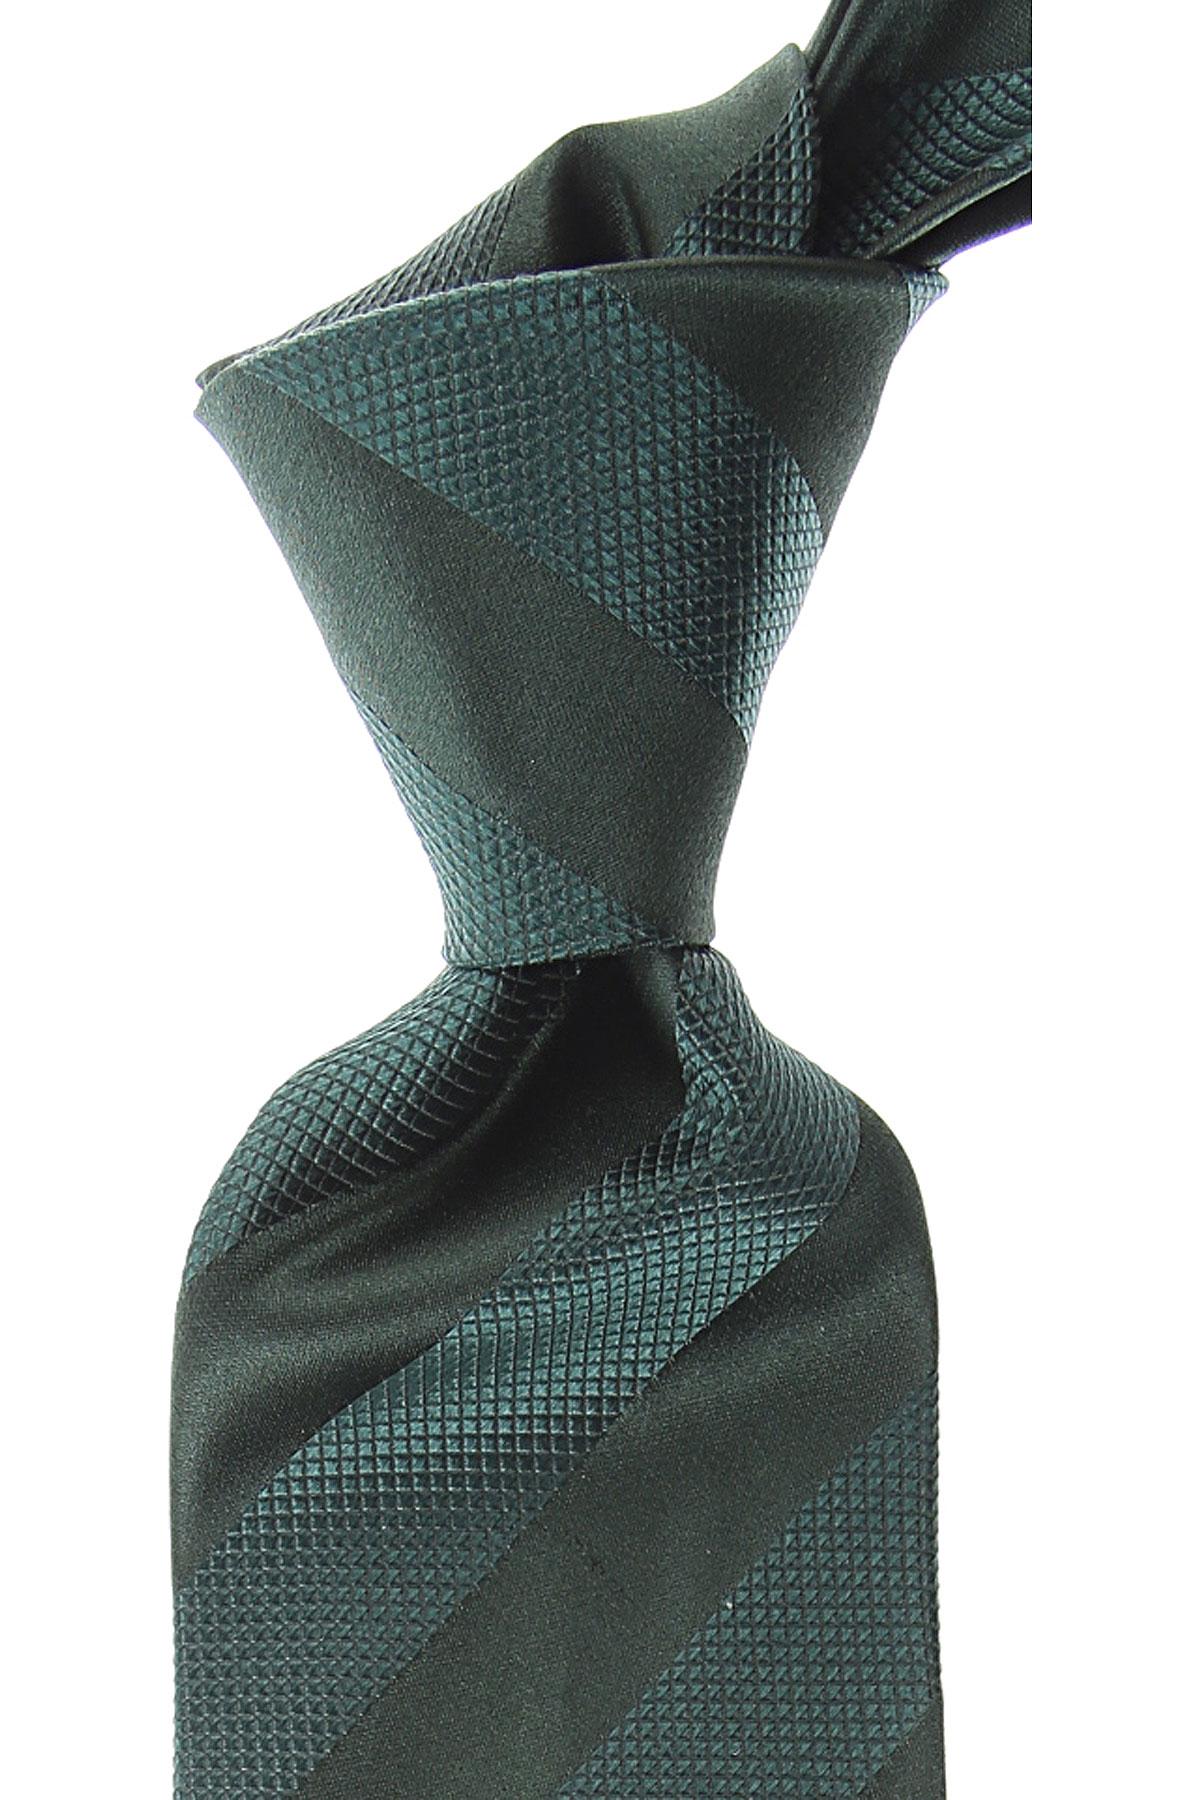 Kiton Cravates Pas cher en Soldes, Vert, Soie, 2021